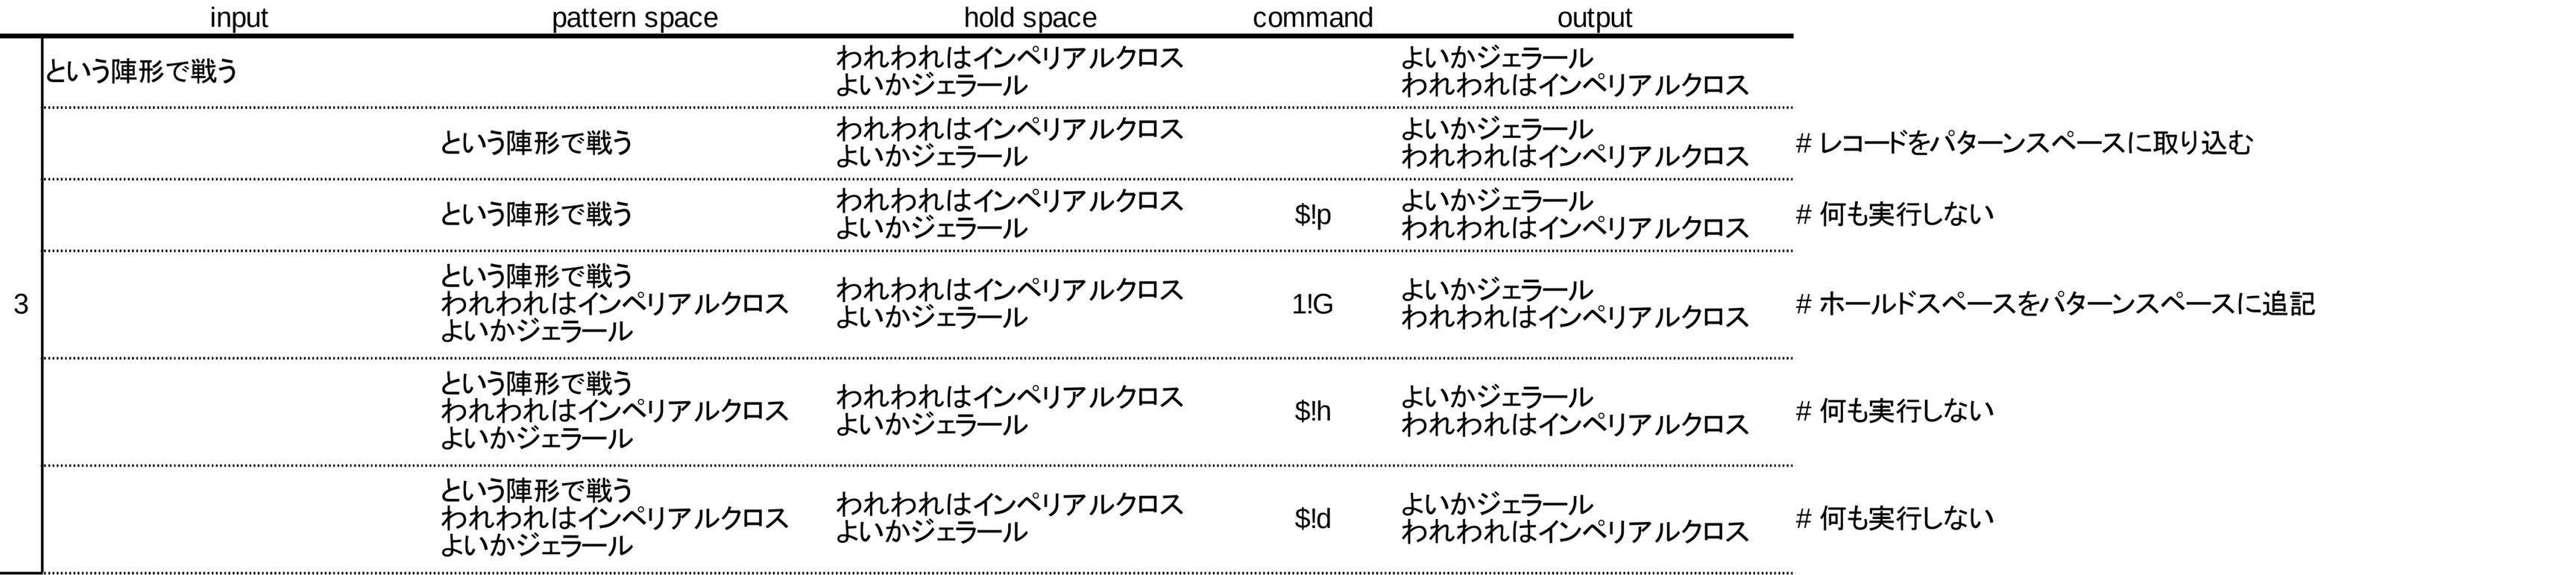 fig3-3-4.jpg